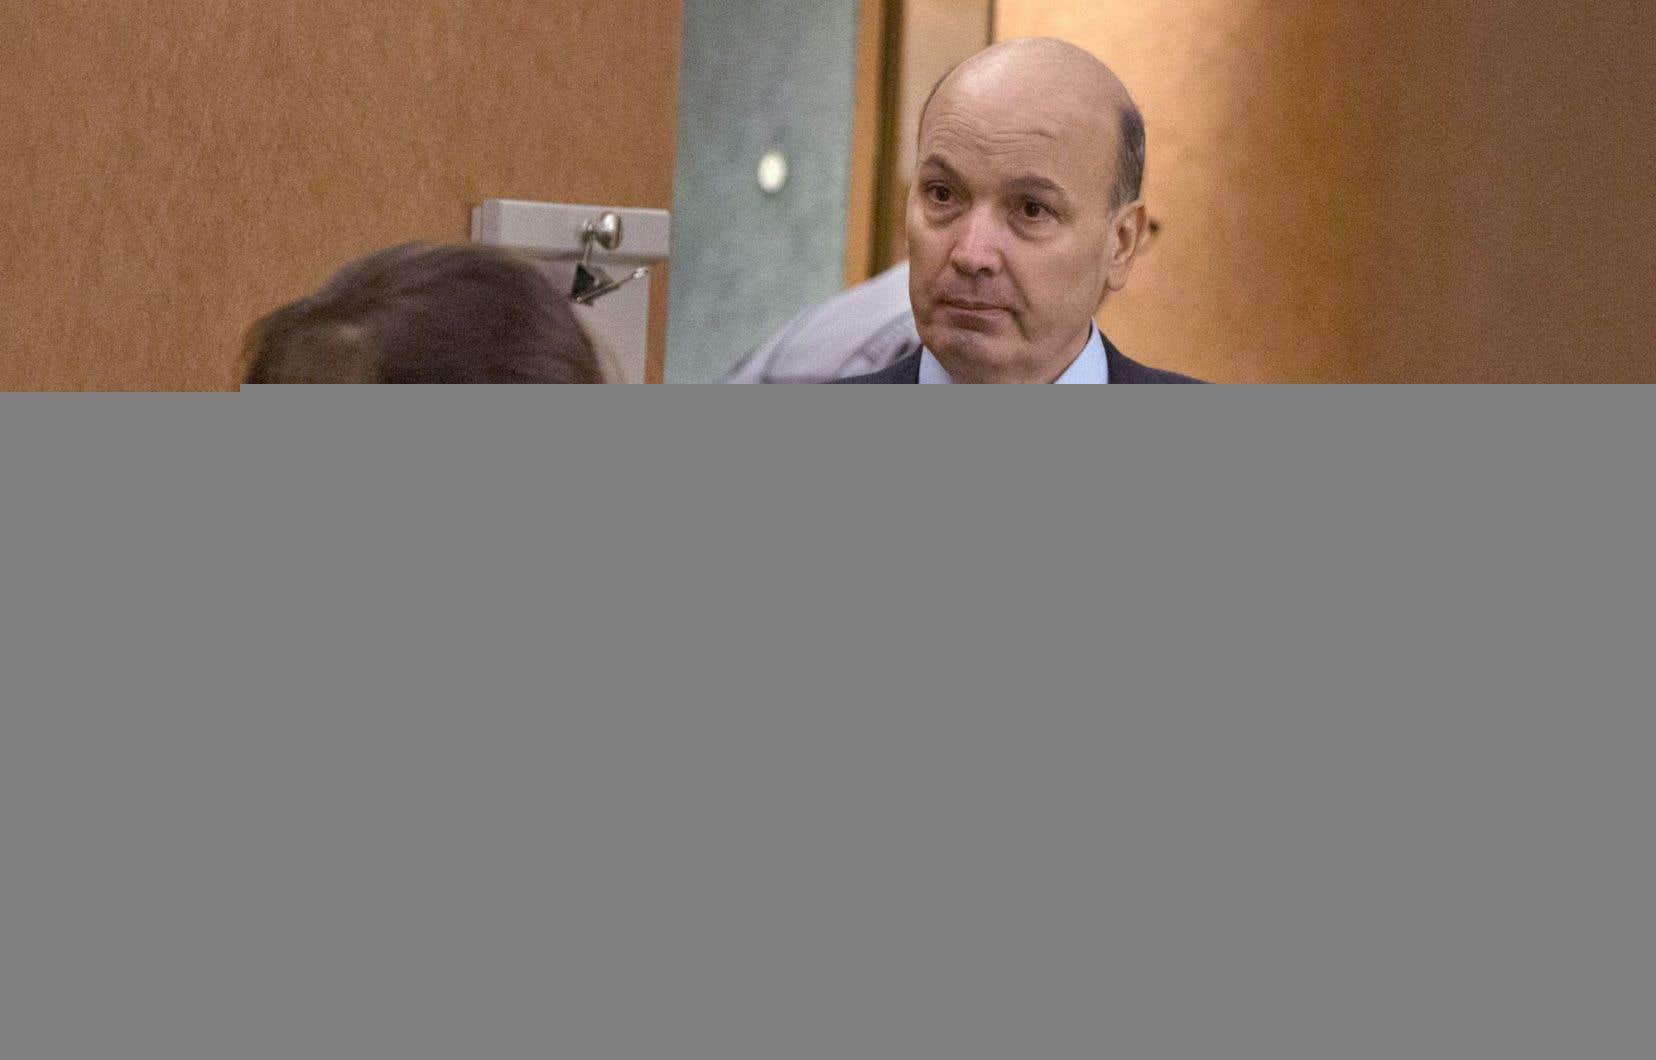 Parmi les coaccusés figure l'ancien président du comité exécutif de la Ville de Montréal, Frank Zampino.